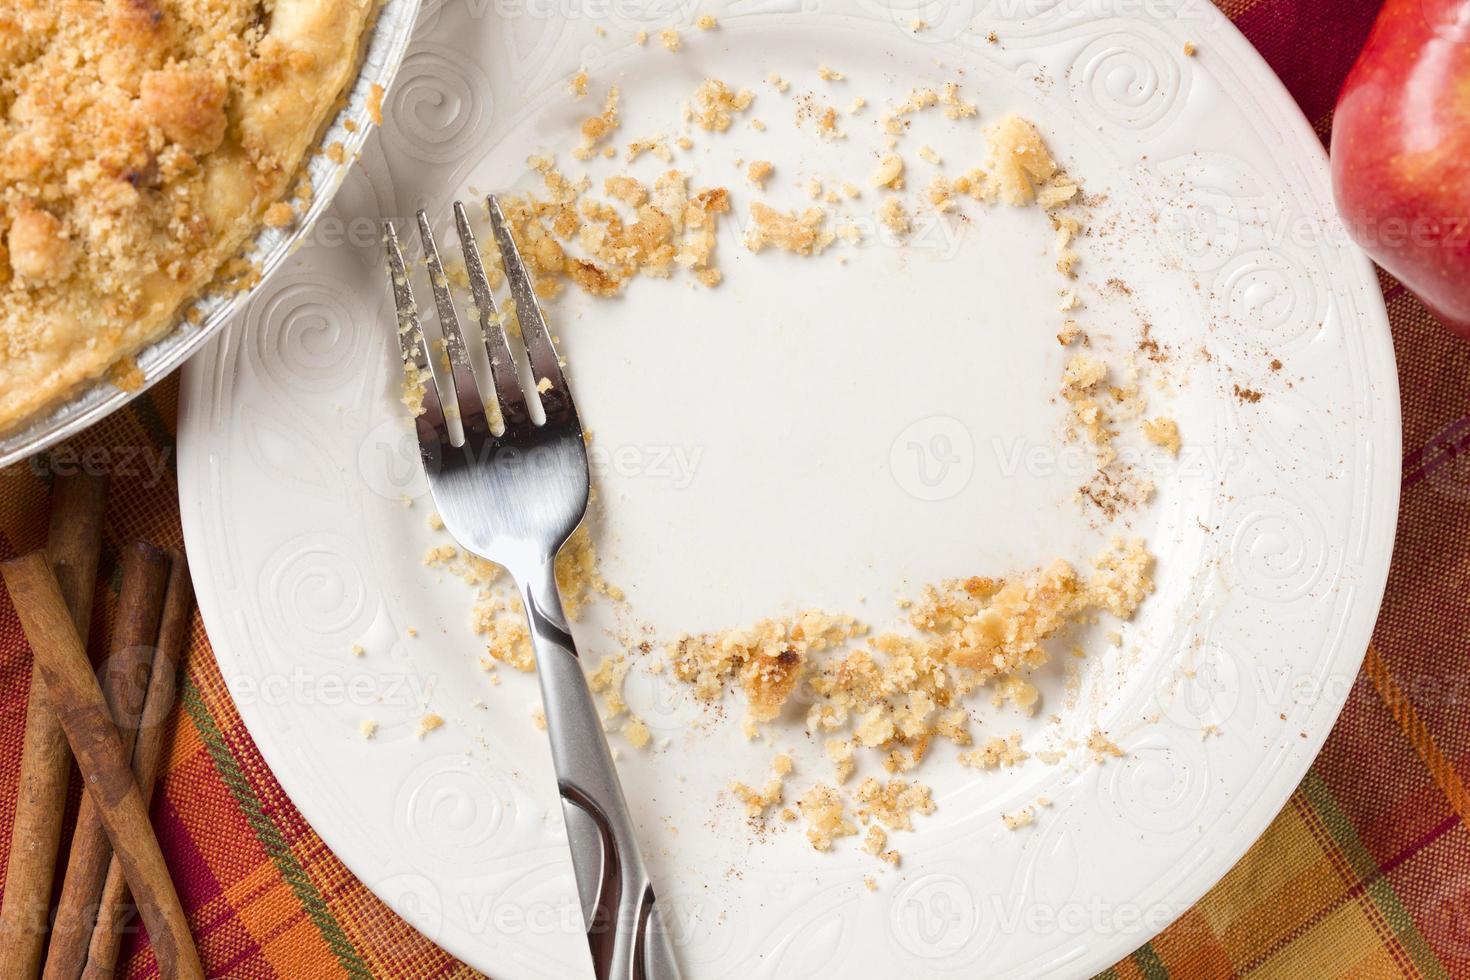 sobrecarga de torta, maçã, canela, cópia migalhas espaçadas no prato foto